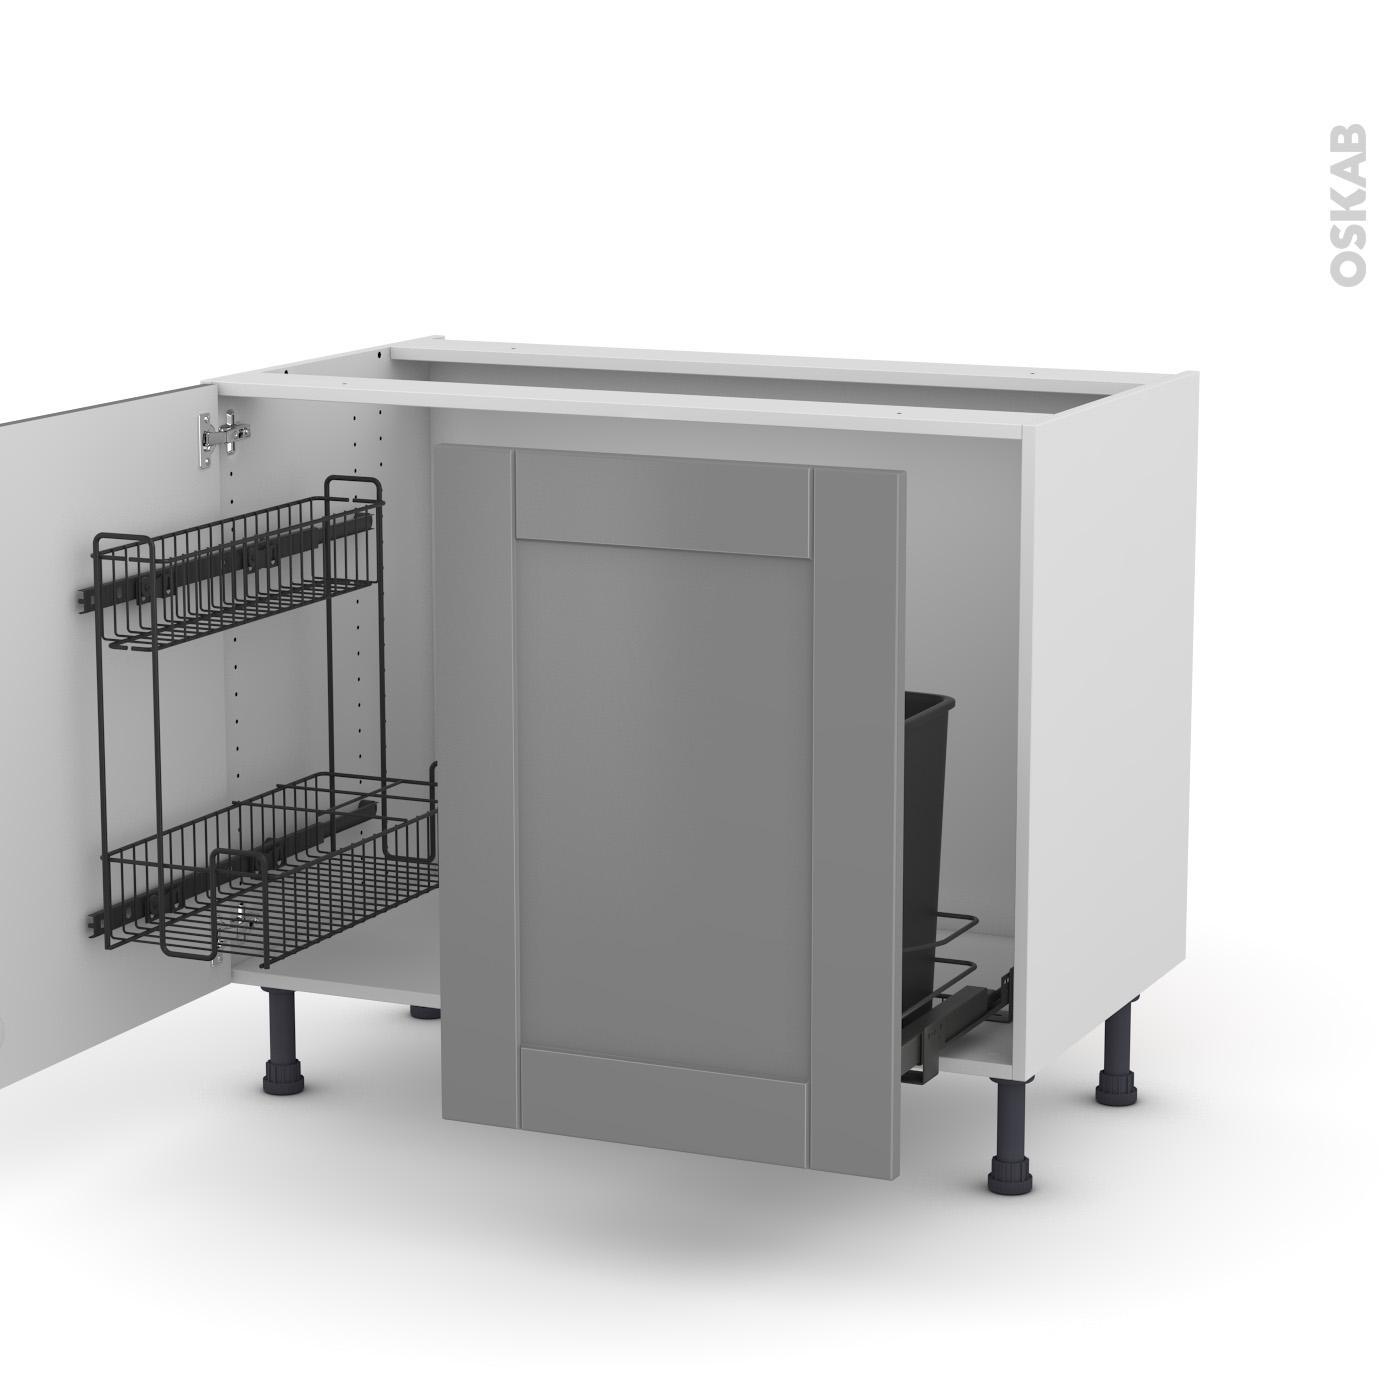 meuble de cuisine sous evier filipen gris 2 portes lessiviel poubelle coulissante l100 x h70 x p58 cm